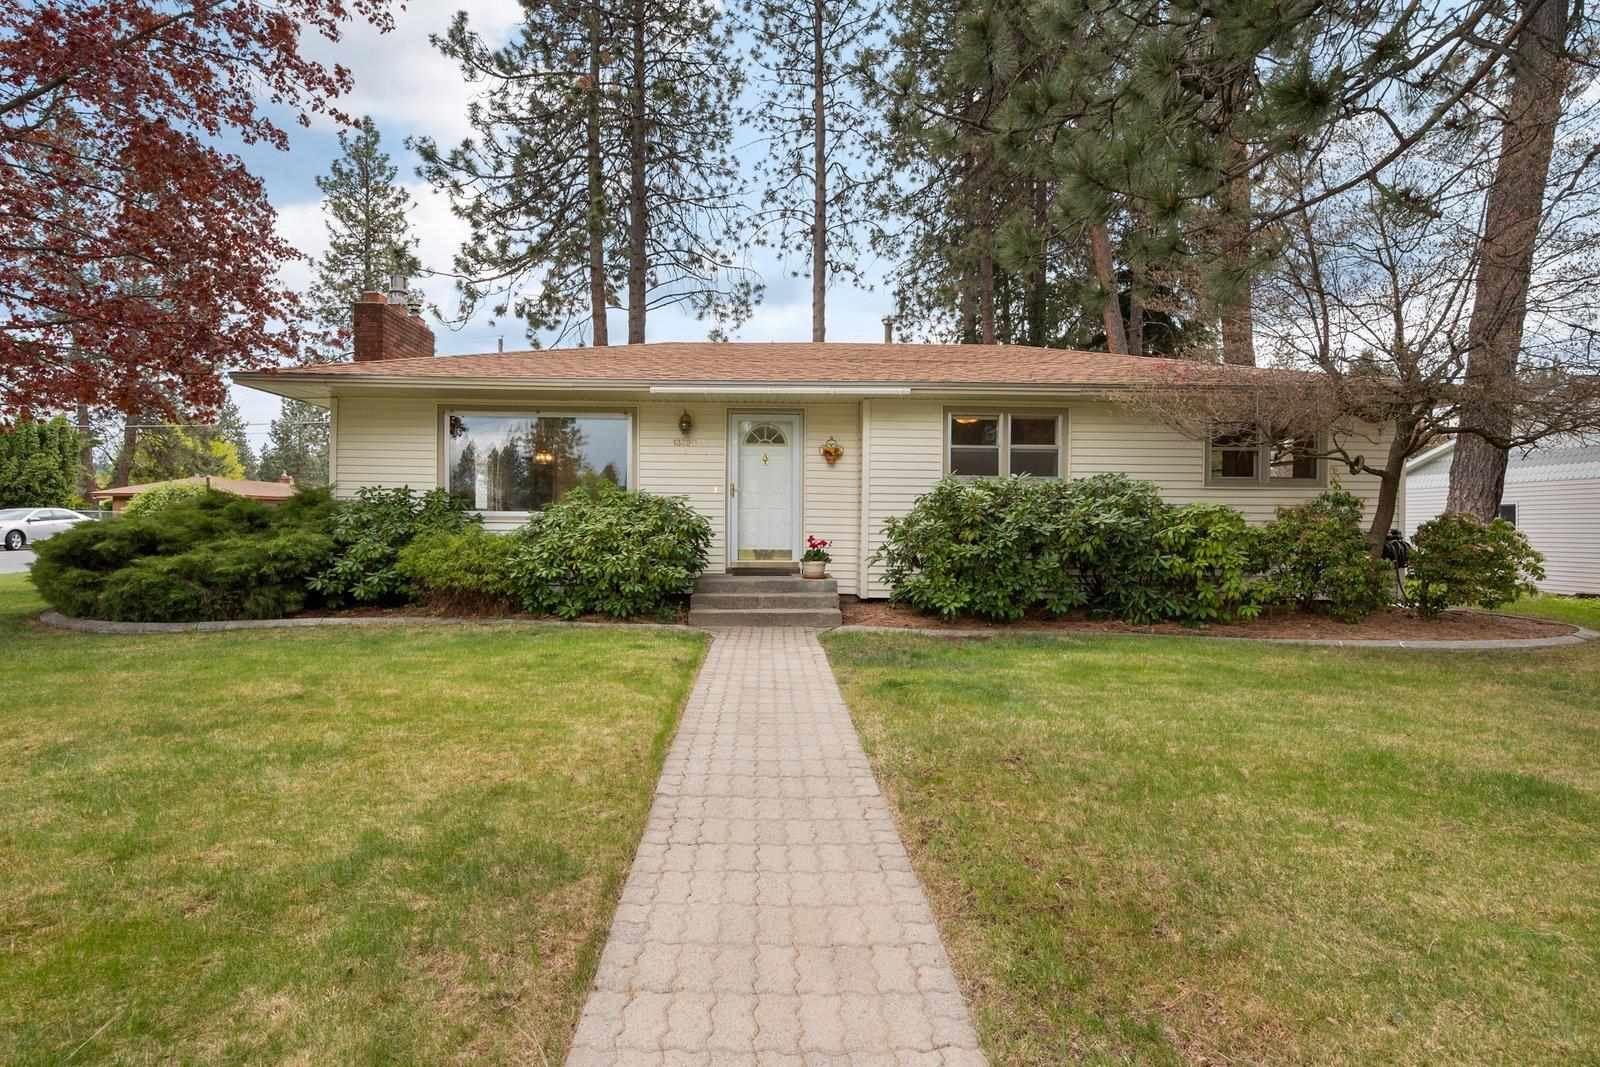 13220 E Saltese Rd, Spokane Valley, WA 99216 - #: 202115009